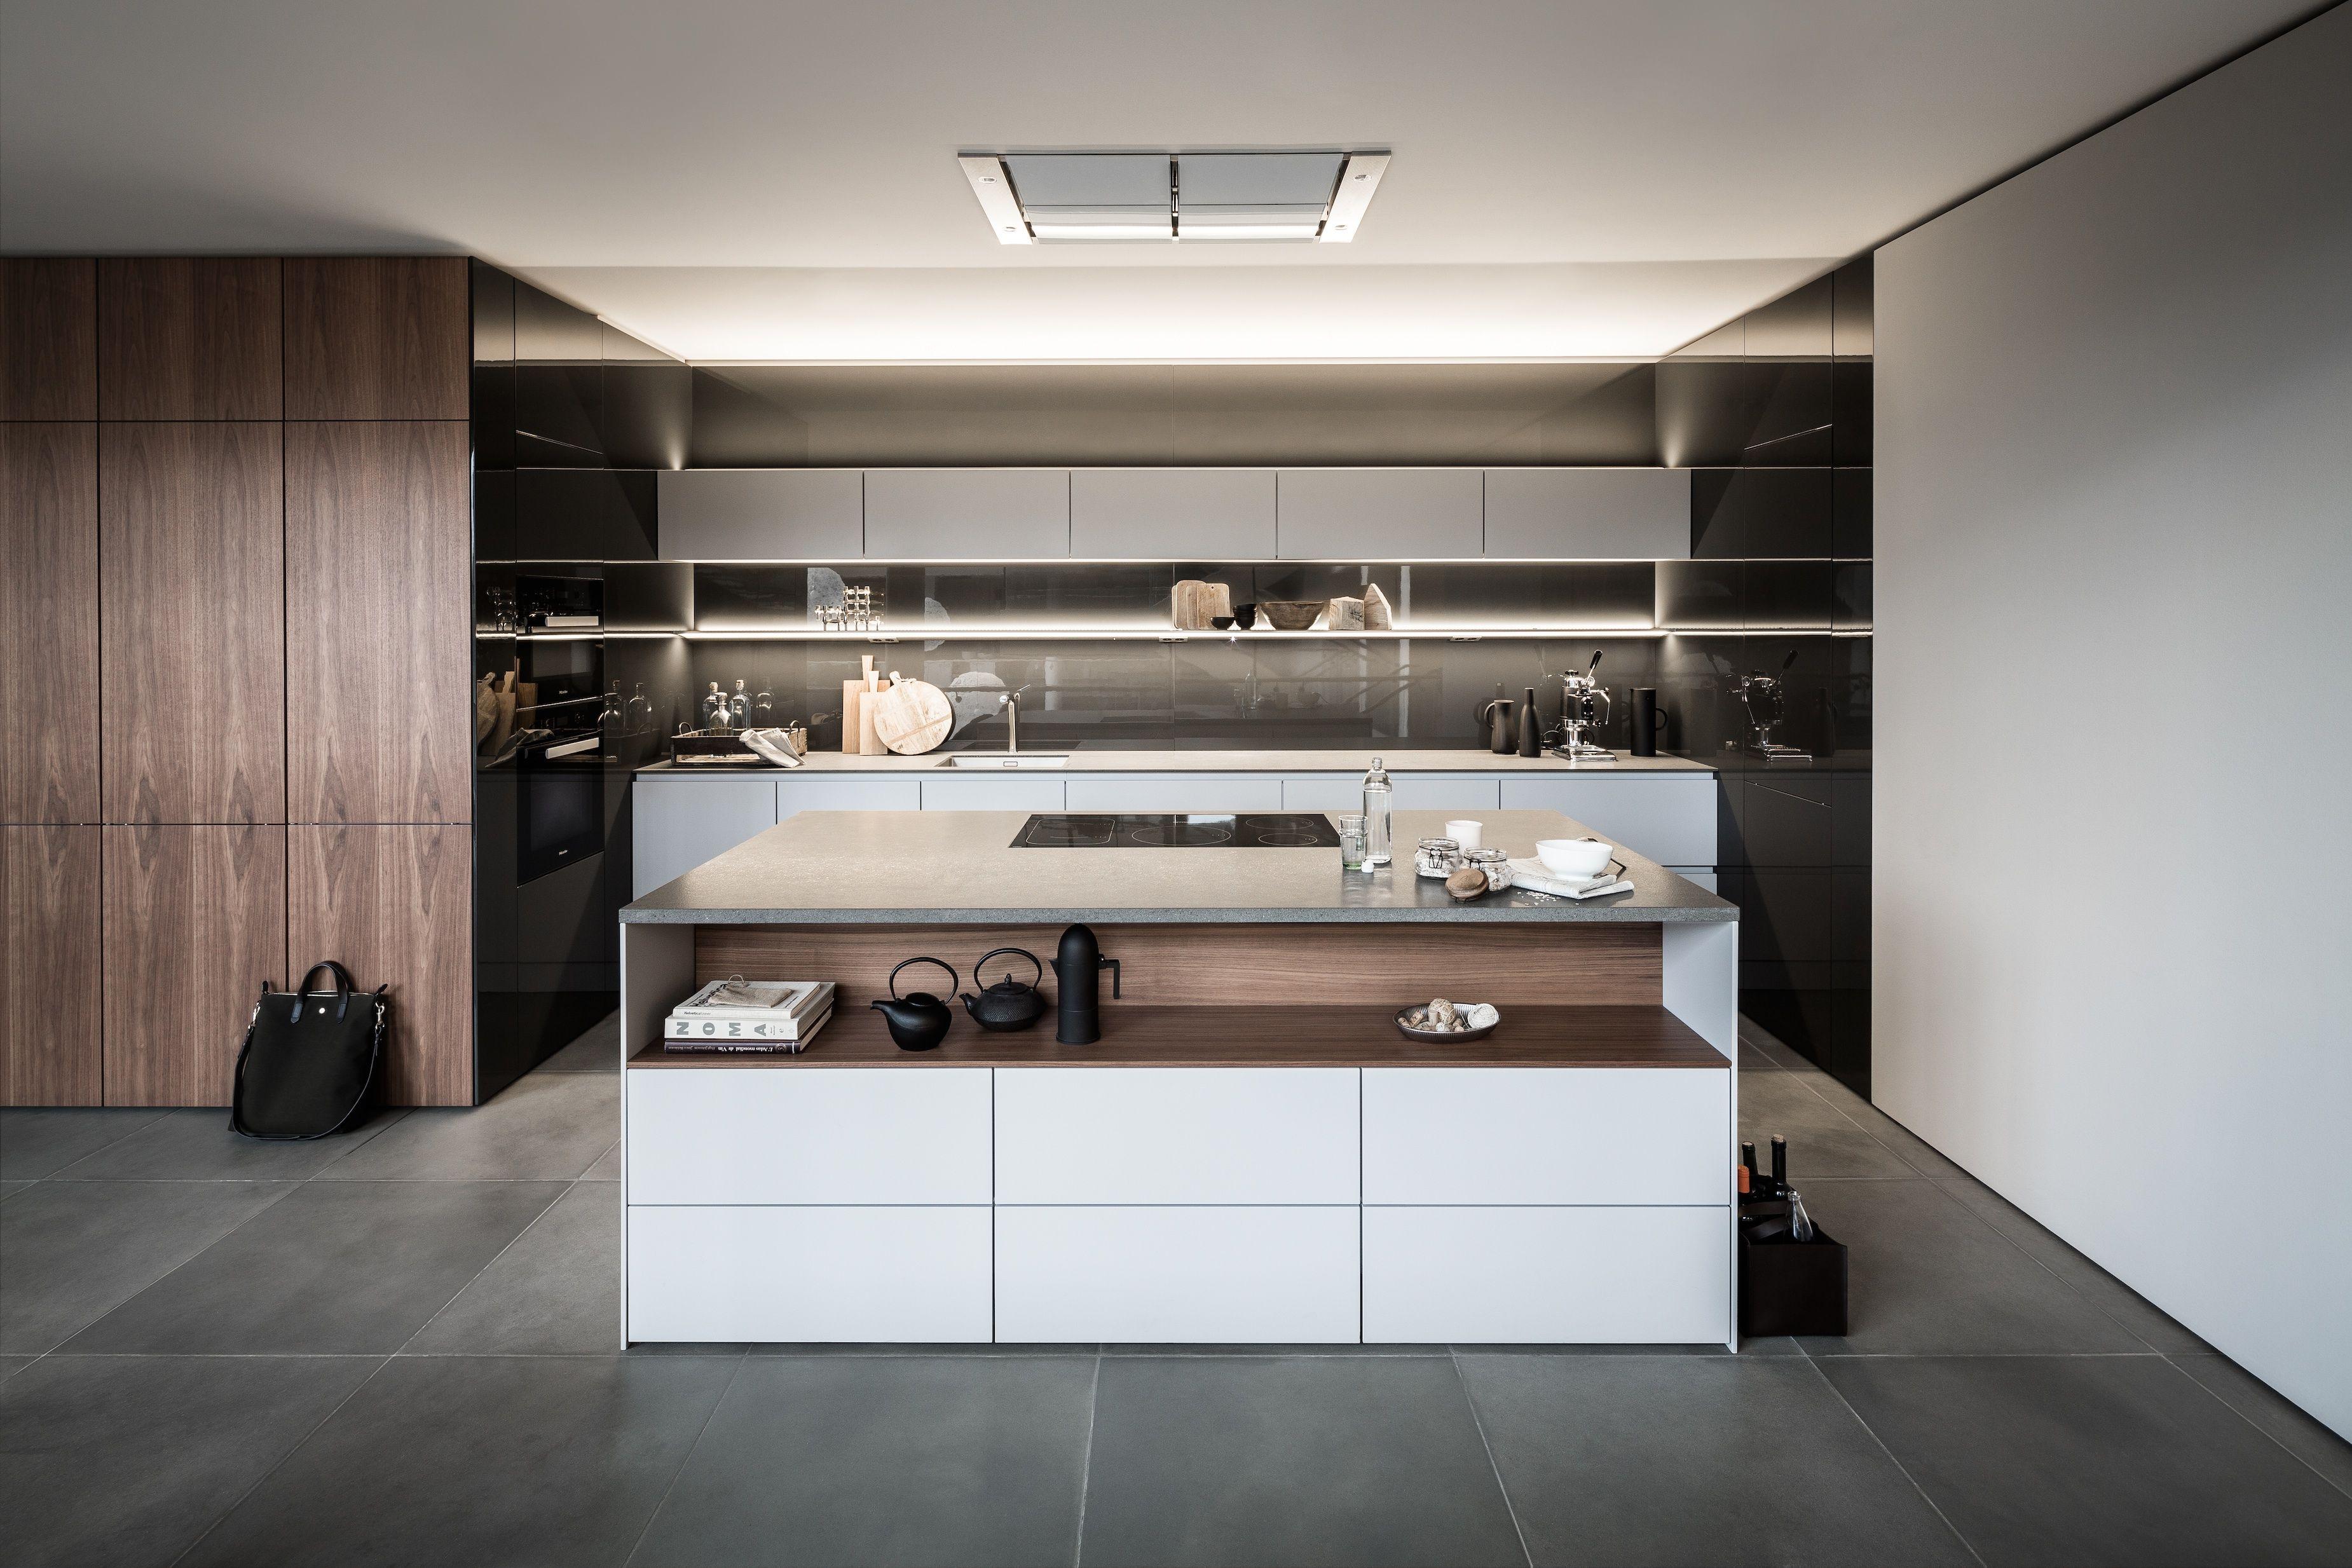 siematic keuken a kitchen cocinas cocina funcional y